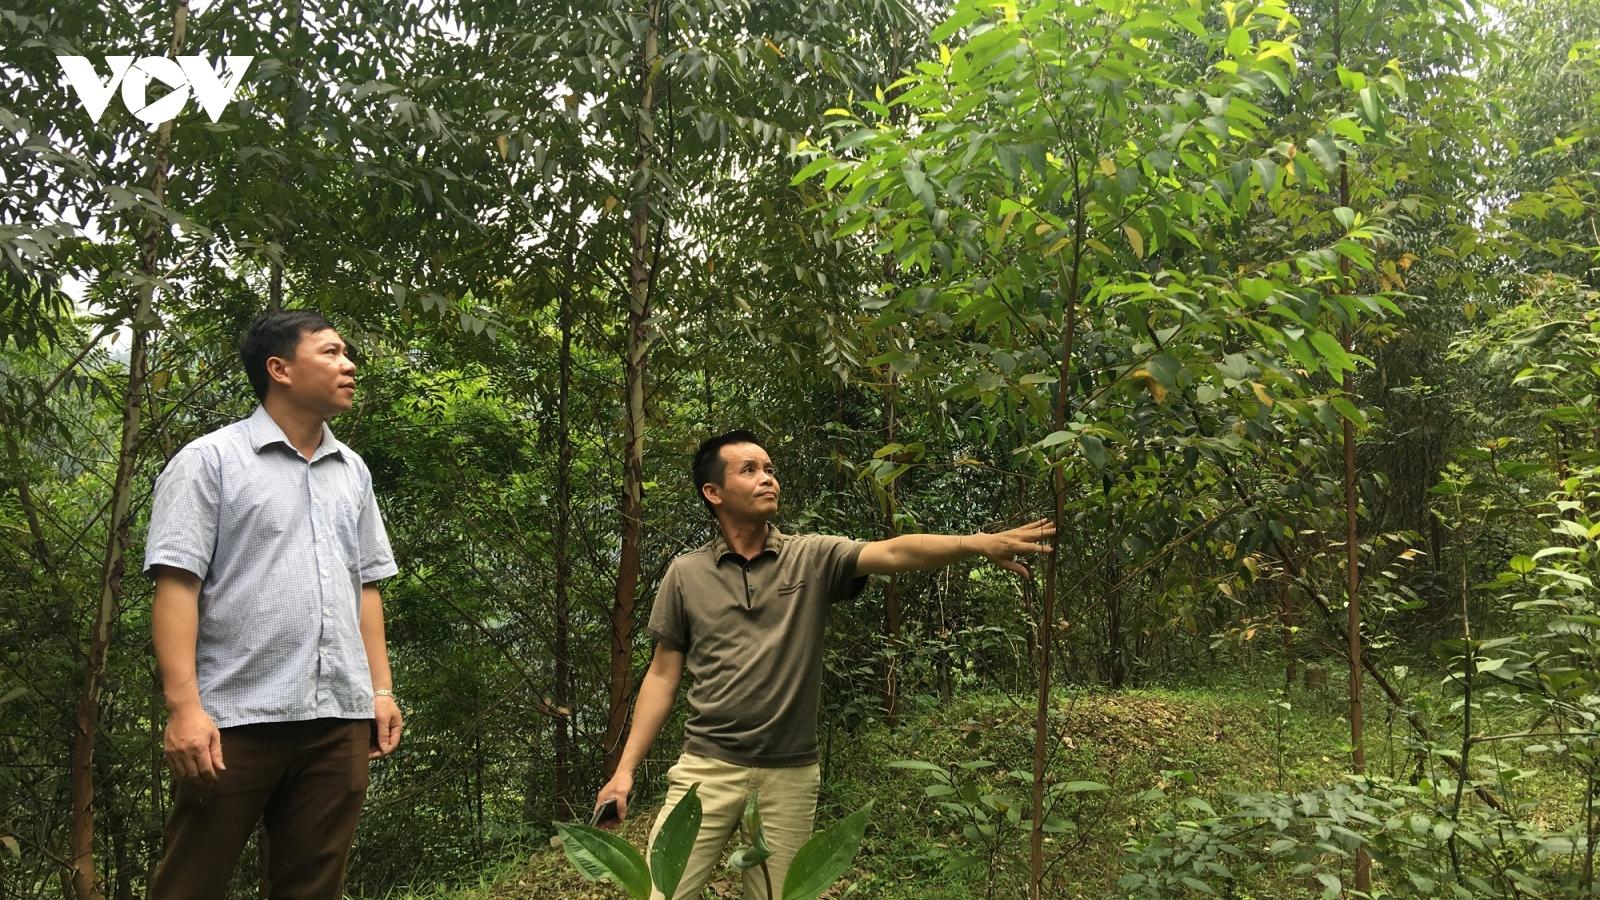 """Băn khoăn khi Công ty TNHH Lâm nghiệp Bắc Kạn được hưởng hỗ trợ """"đóng cửa rừng tự nhiên""""?"""